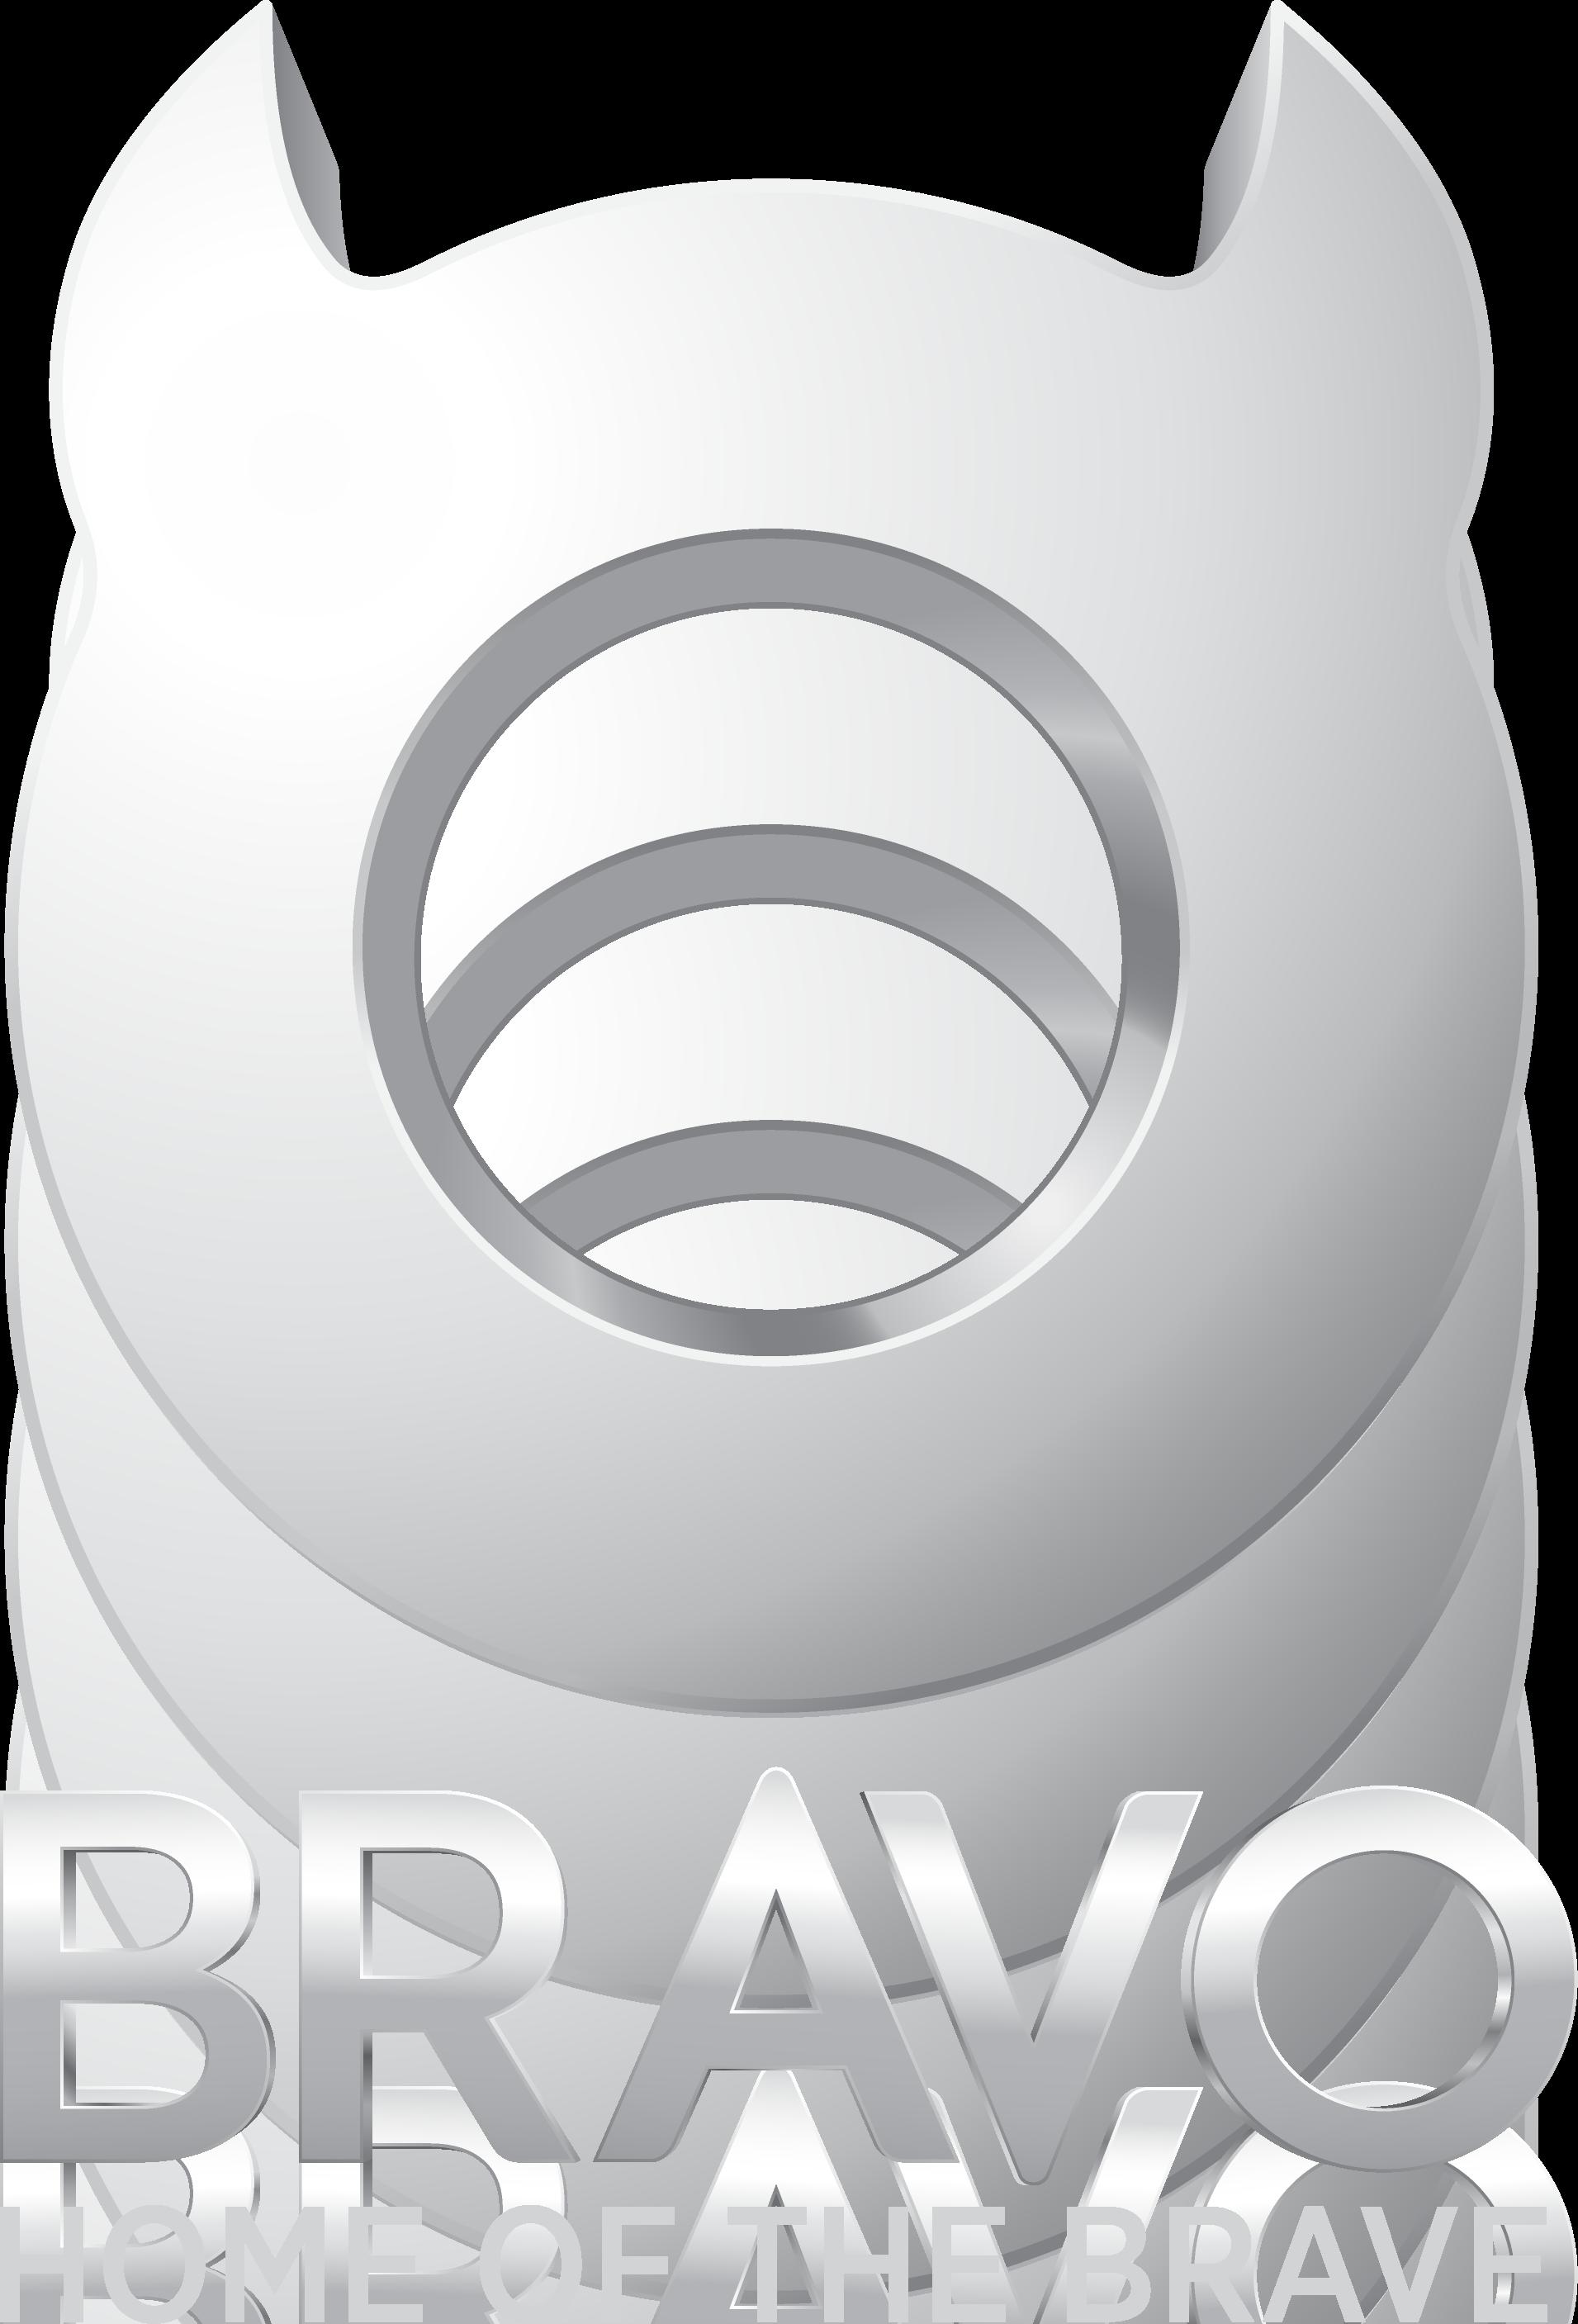 bravo uk logopedia fandom powered by wikia